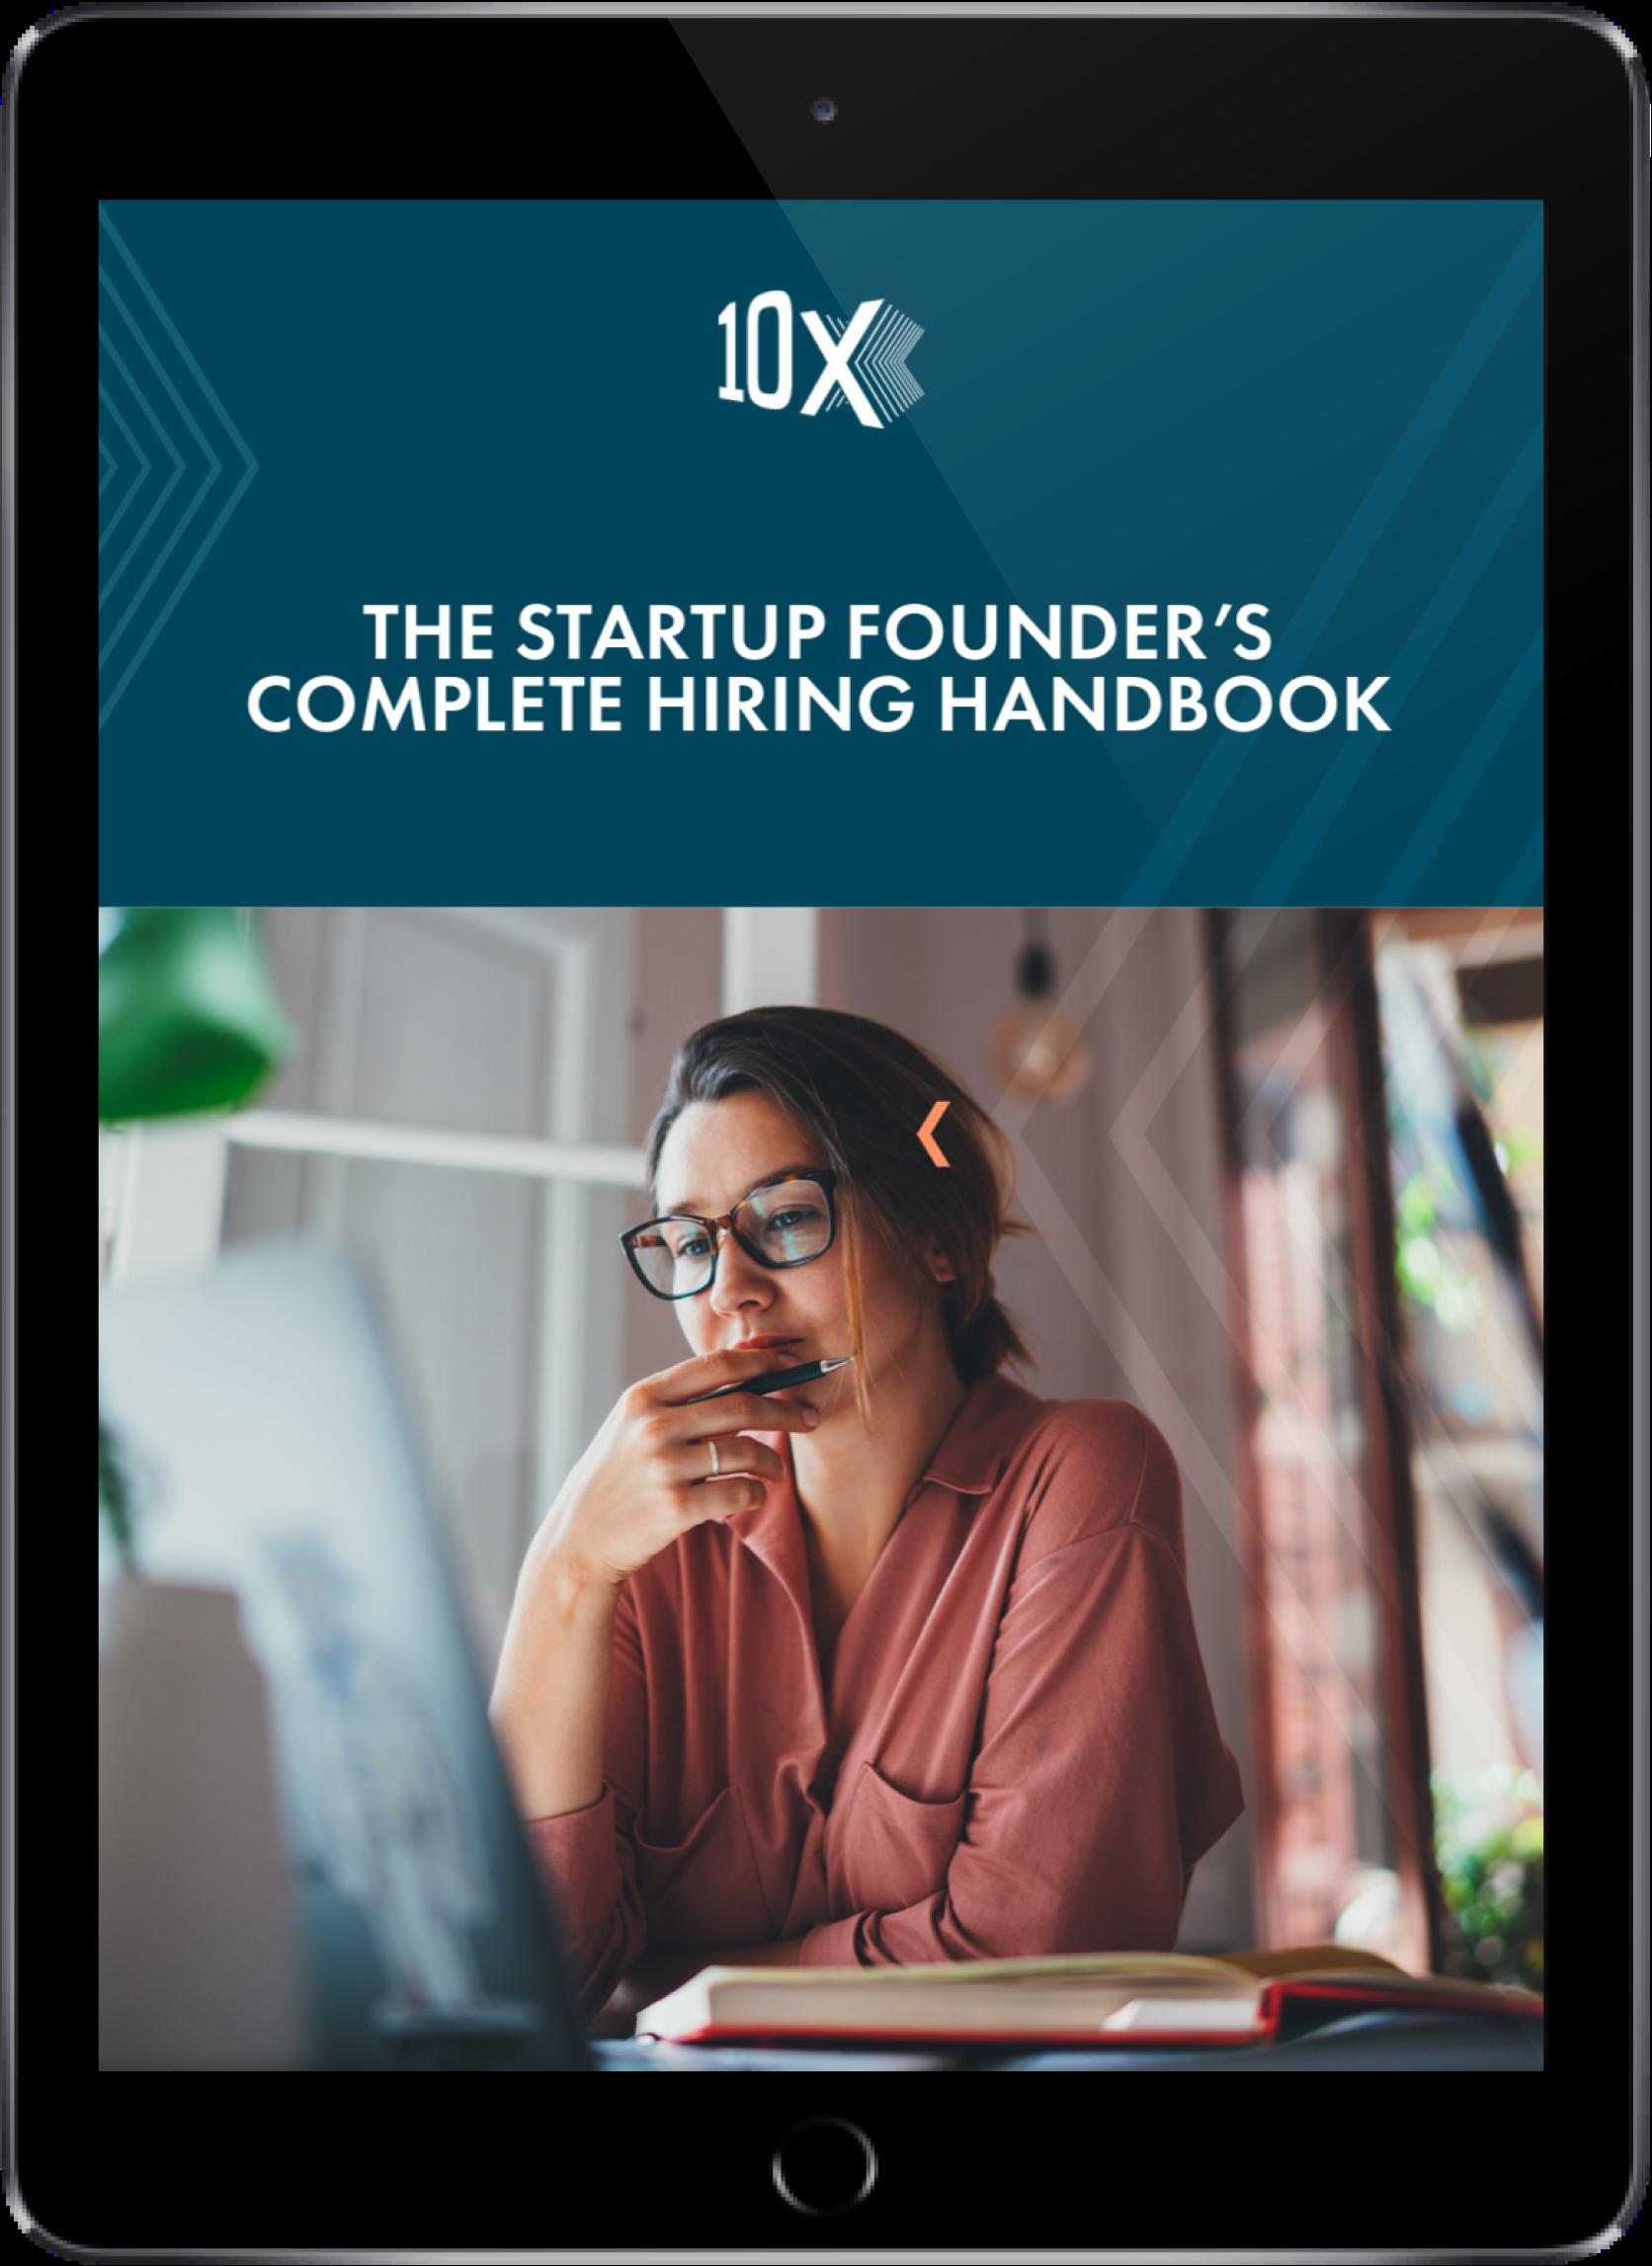 complete-hiring-handbook-ipad